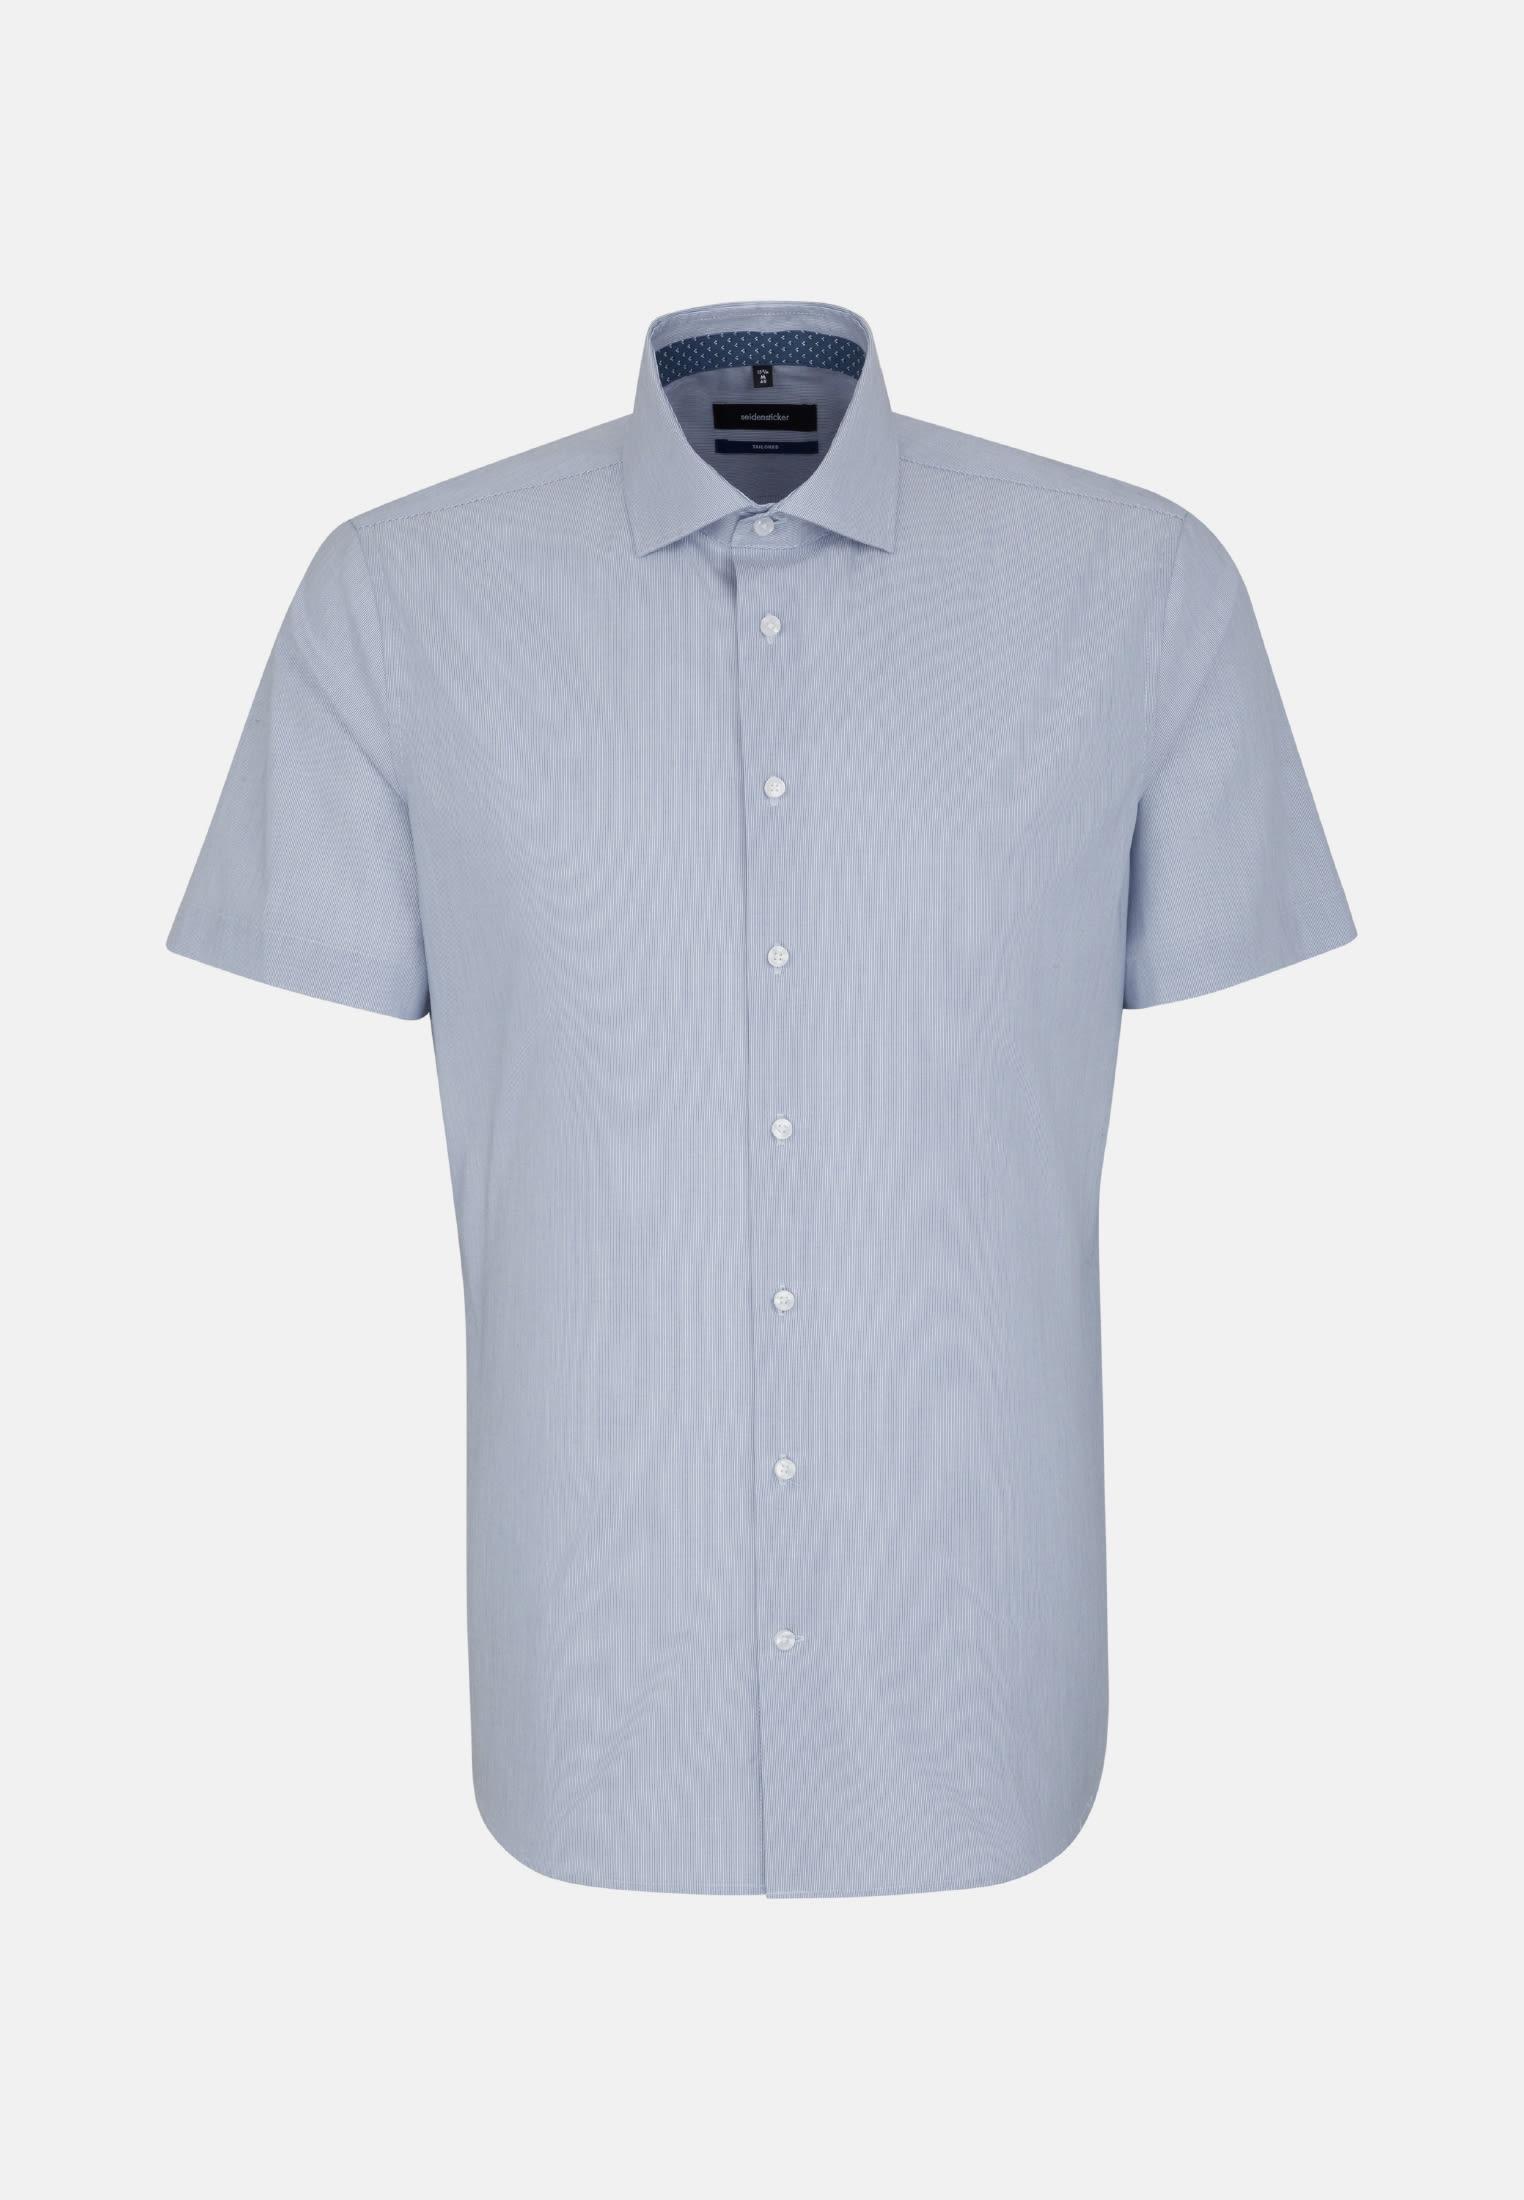 Bügelfreies Popeline Kurzarm Business Hemd in Tailored mit Kentkragen in Mittelblau |  Seidensticker Onlineshop